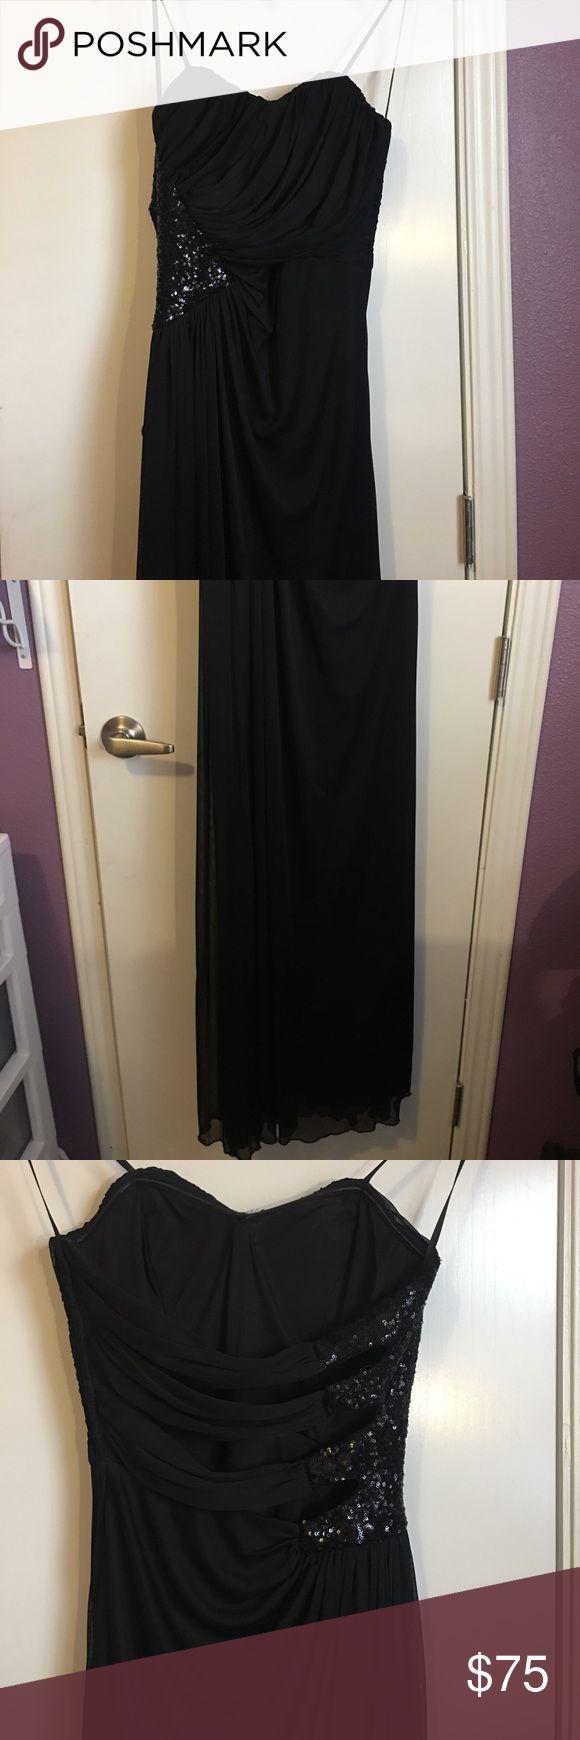 Windsor Black Formal Dress Long black with black sequin detailing formal dress from Windsor. Only used once. Windsor Dresses Strapless